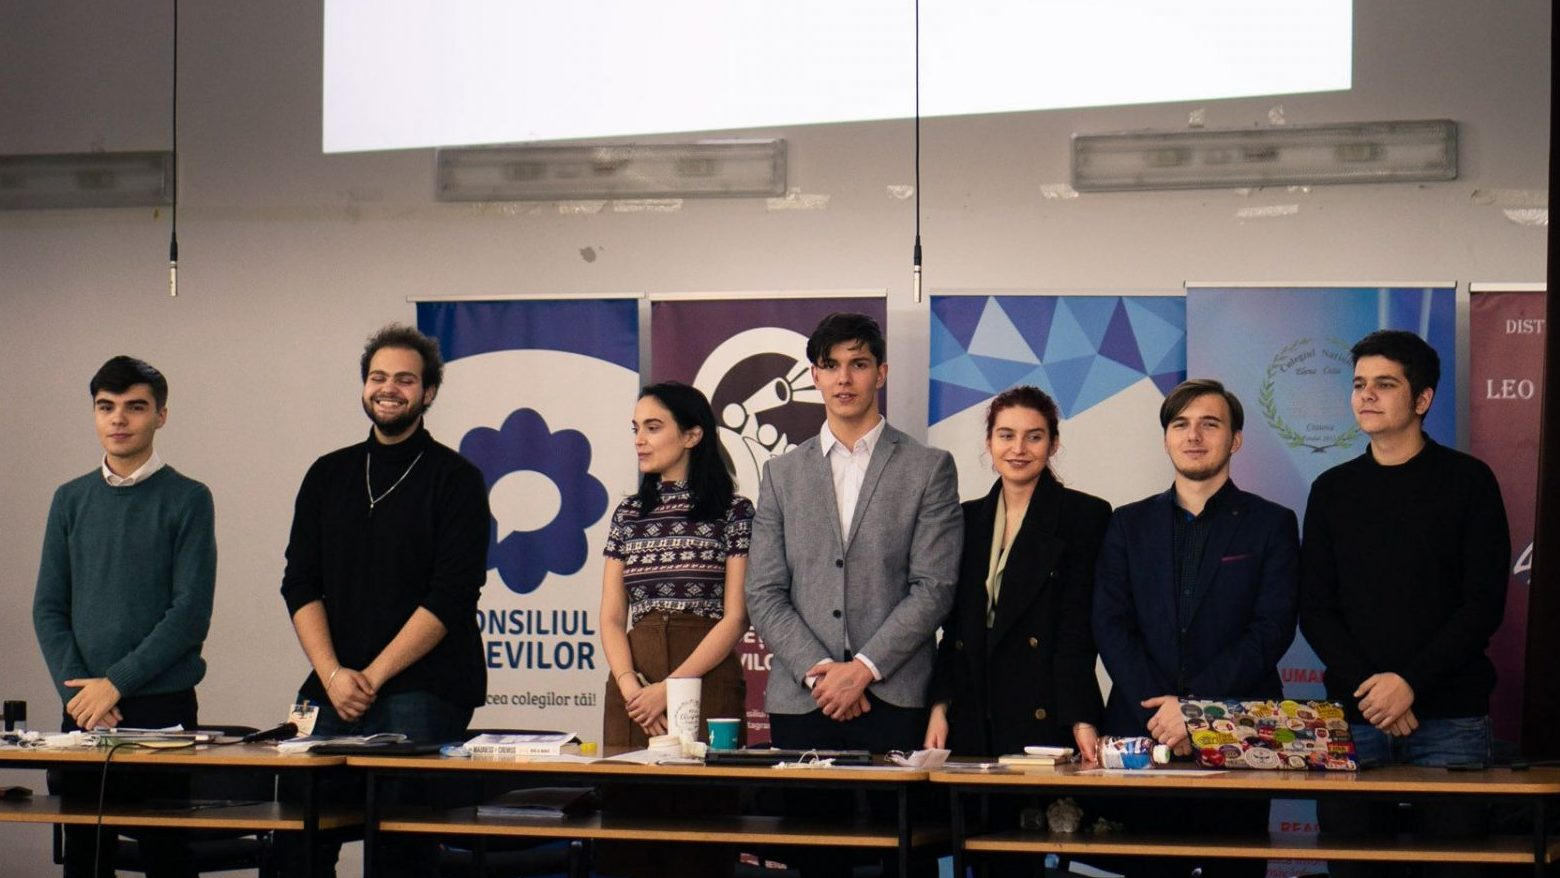 Consiliul Național al Elevilor condamnă programul Euro 200 inițiat de Guvernul României